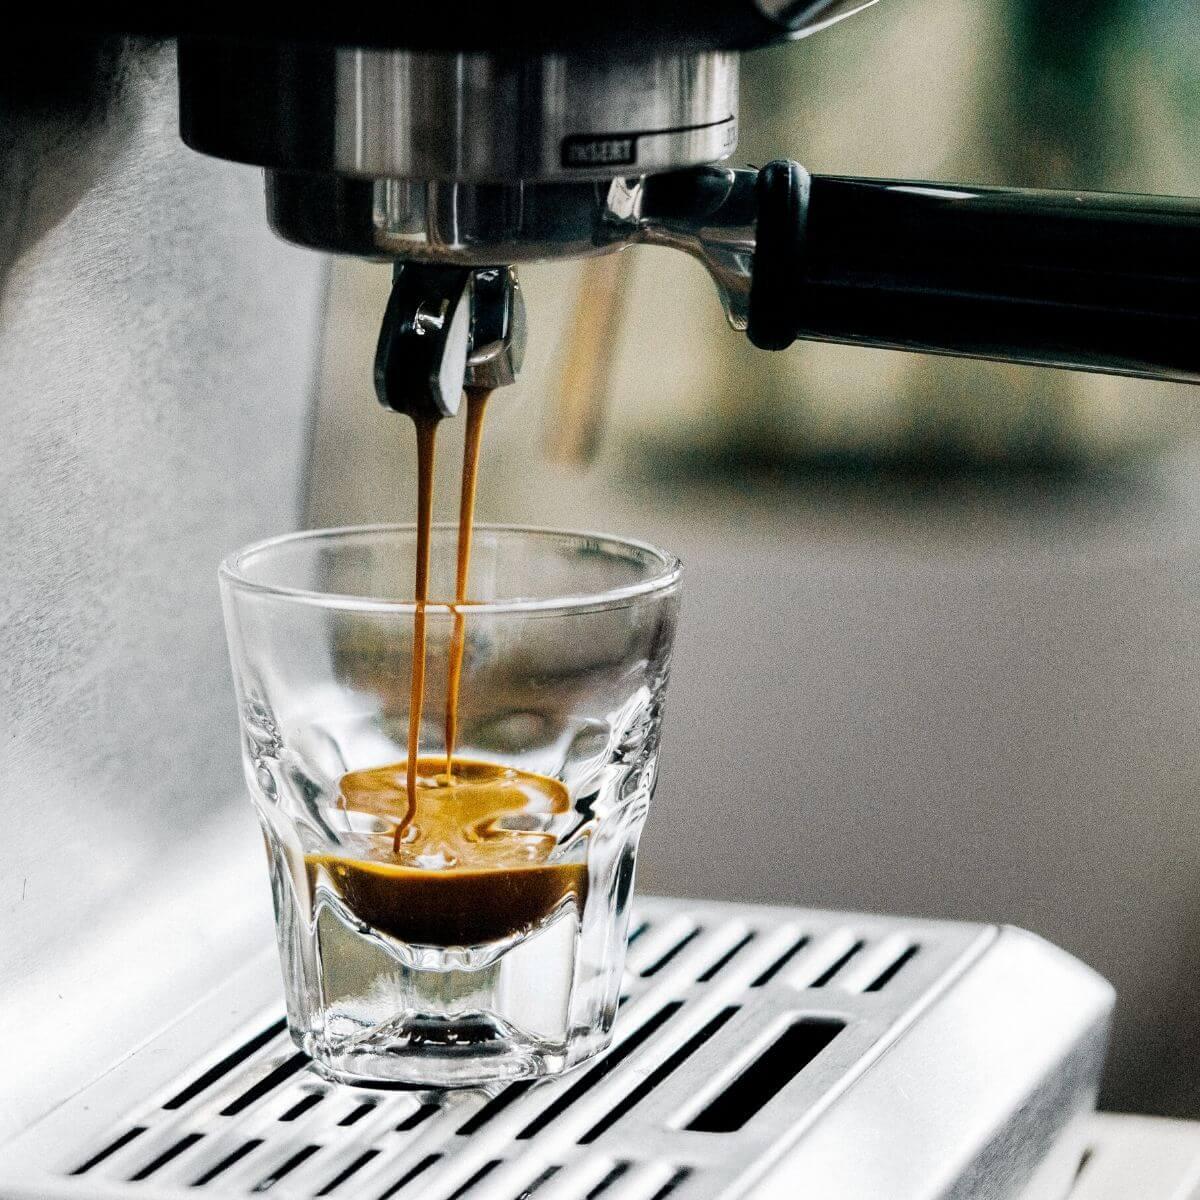 Close-up of an espresso shot.